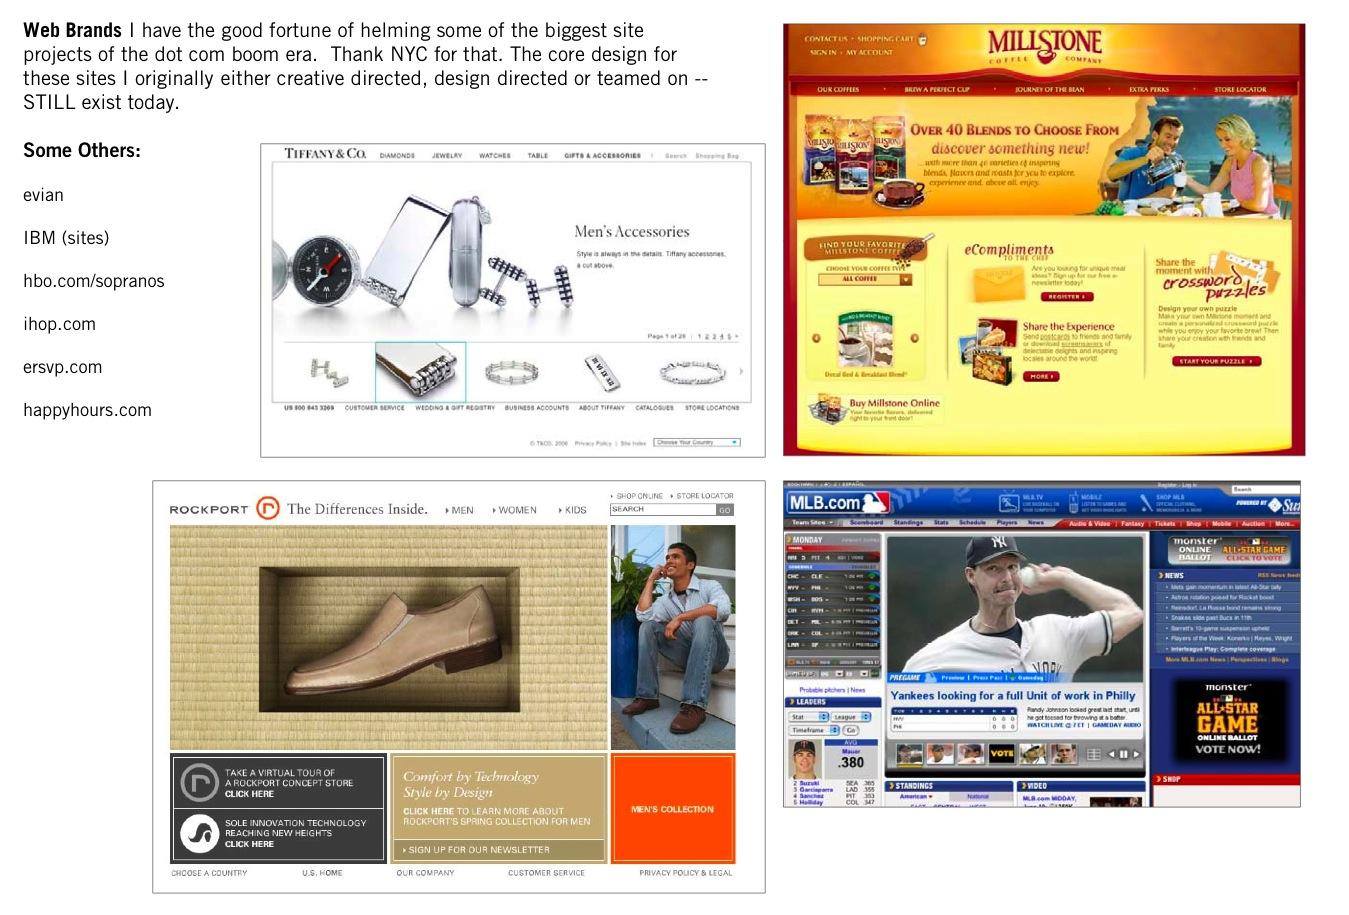 https://lh3.googleusercontent.com/-y7FmLD1K9mQ/TnoDEOAQl8I/AAAAAAAAA0Q/opKh_iMU7dI/s512/microsites.jpeg